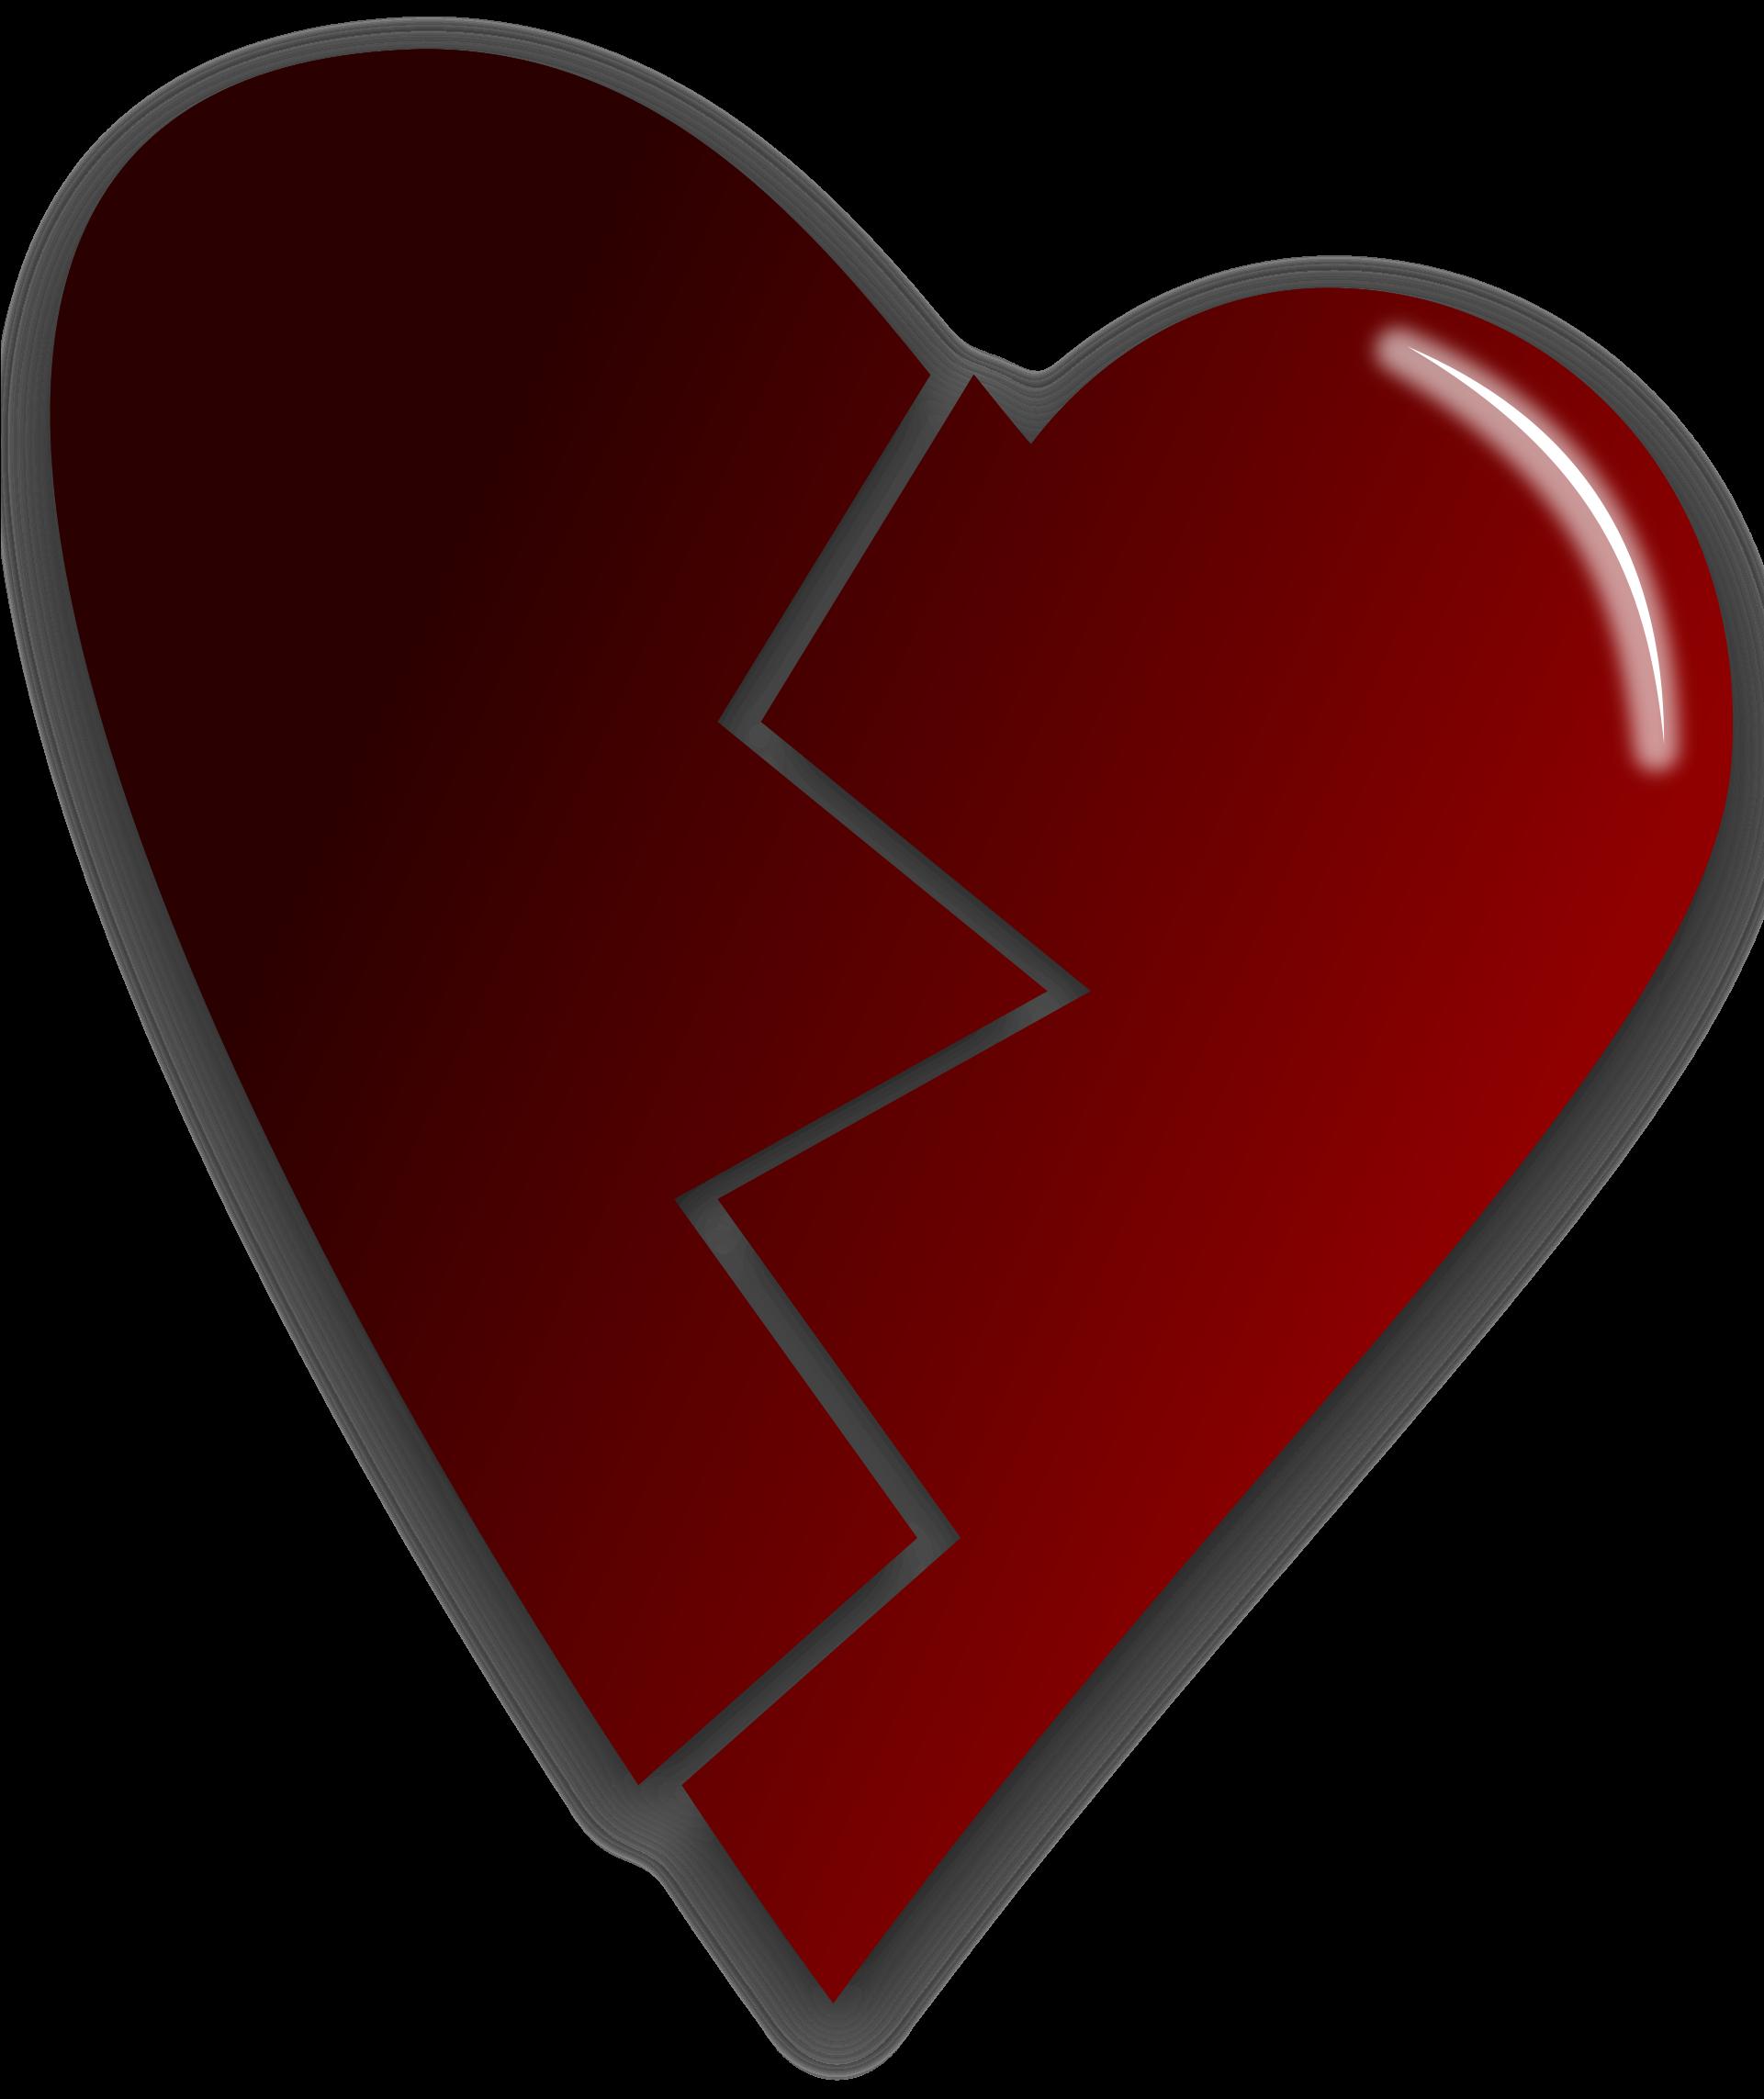 с брейком картинки сердца именно это